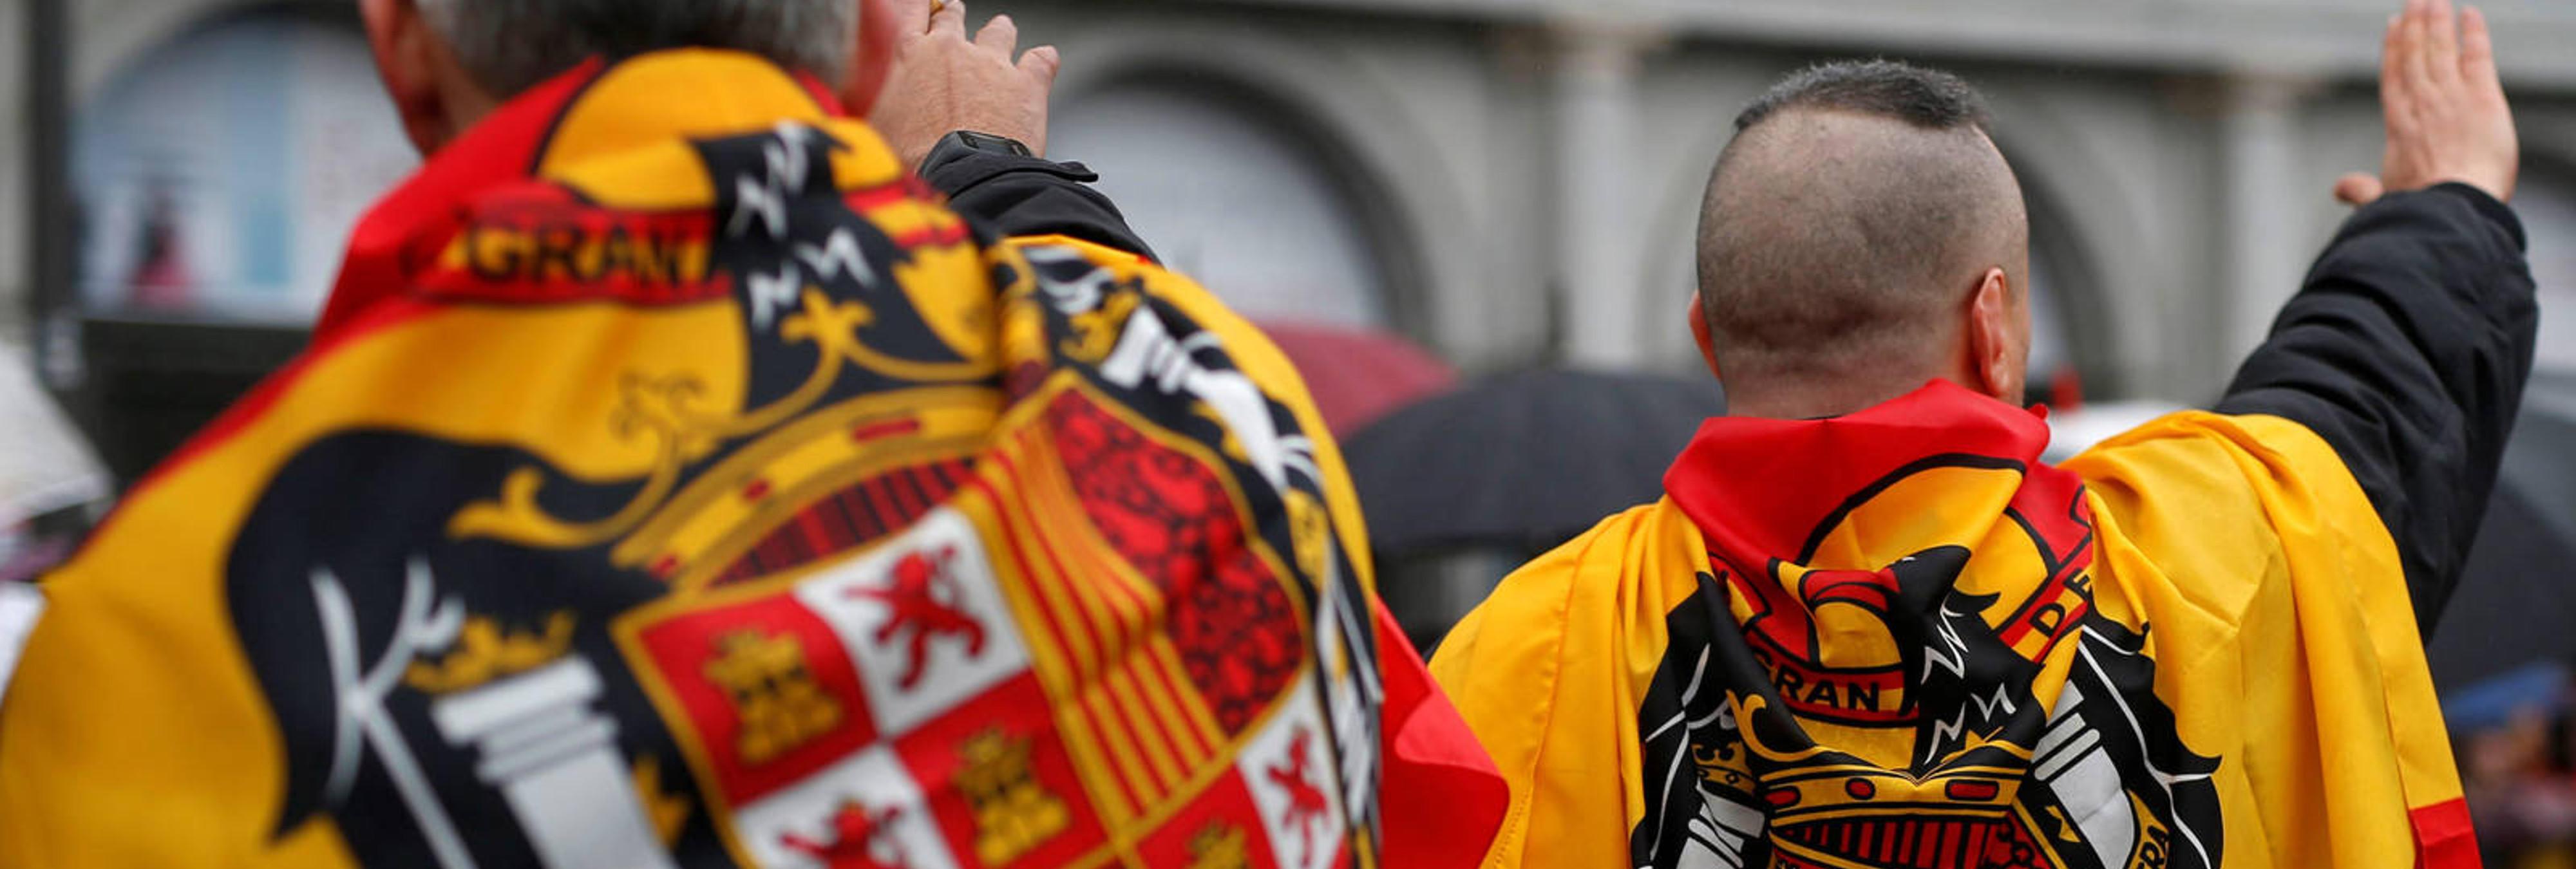 218.600 firmas para prohibir la Fundación Francisco Franco